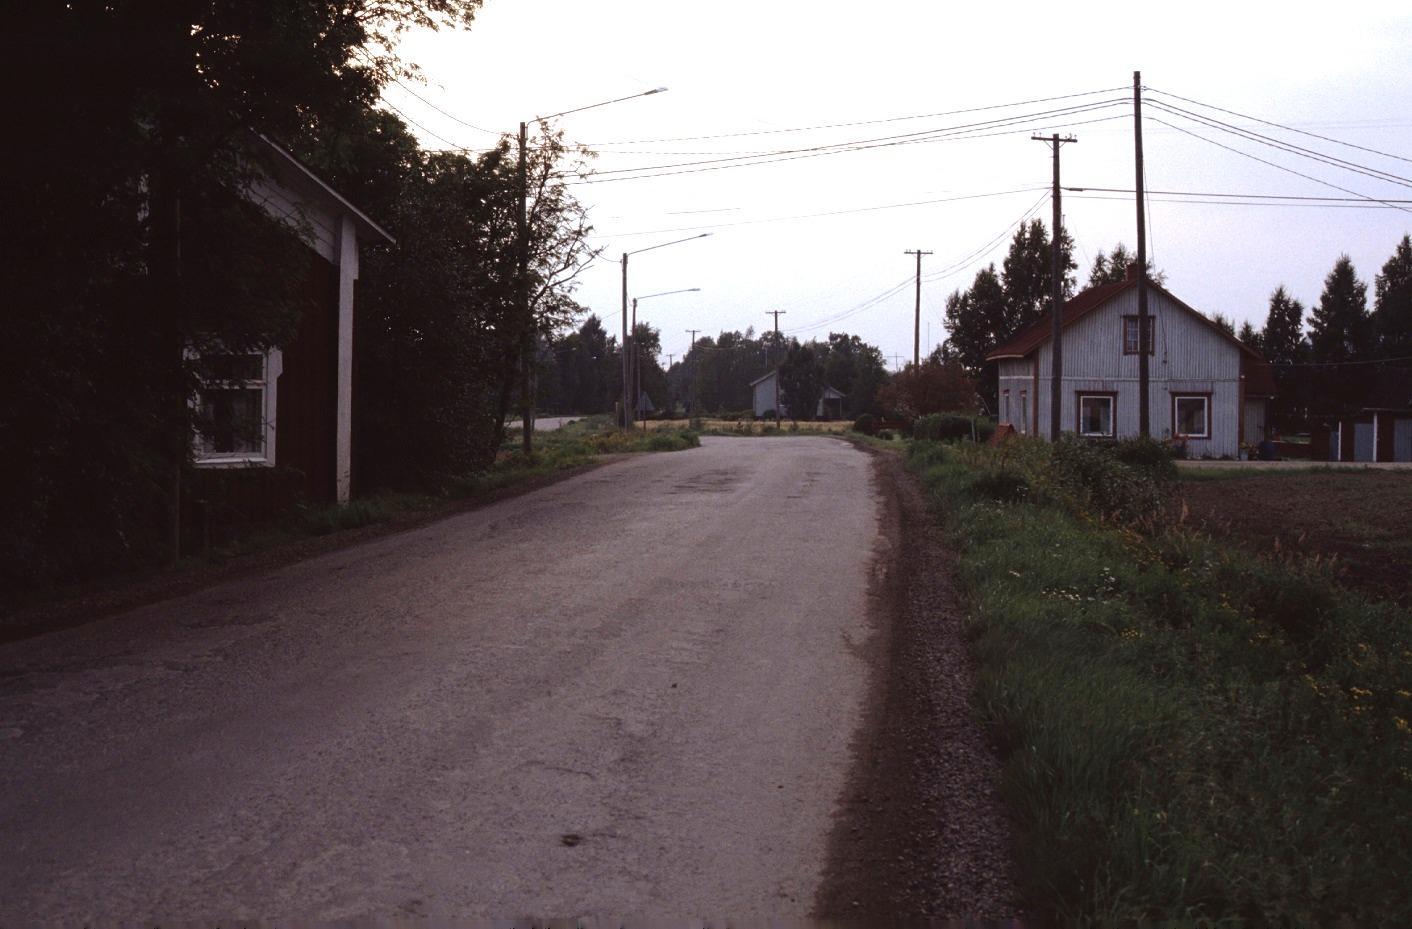 Landsvägen år 1983 med Anderas eller Grans Lennart till vänster , mitt i bild Kangas Velis hus och längst till höger Artur Lövholms gård.